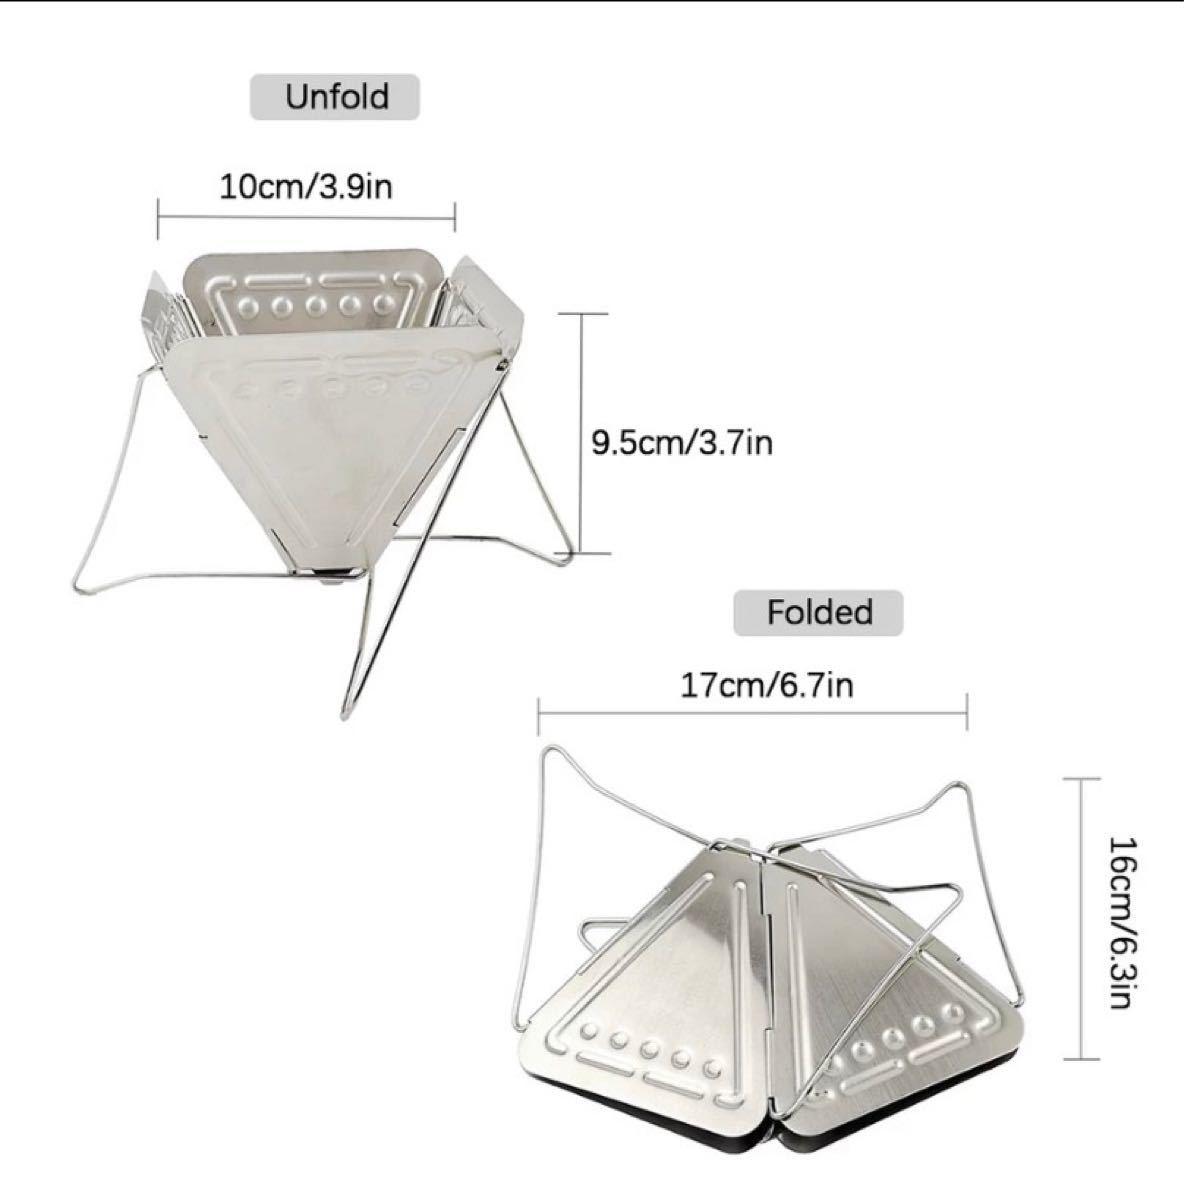 折り畳み式コーヒードリッパー*折畳みキャンプ用品アウトドア